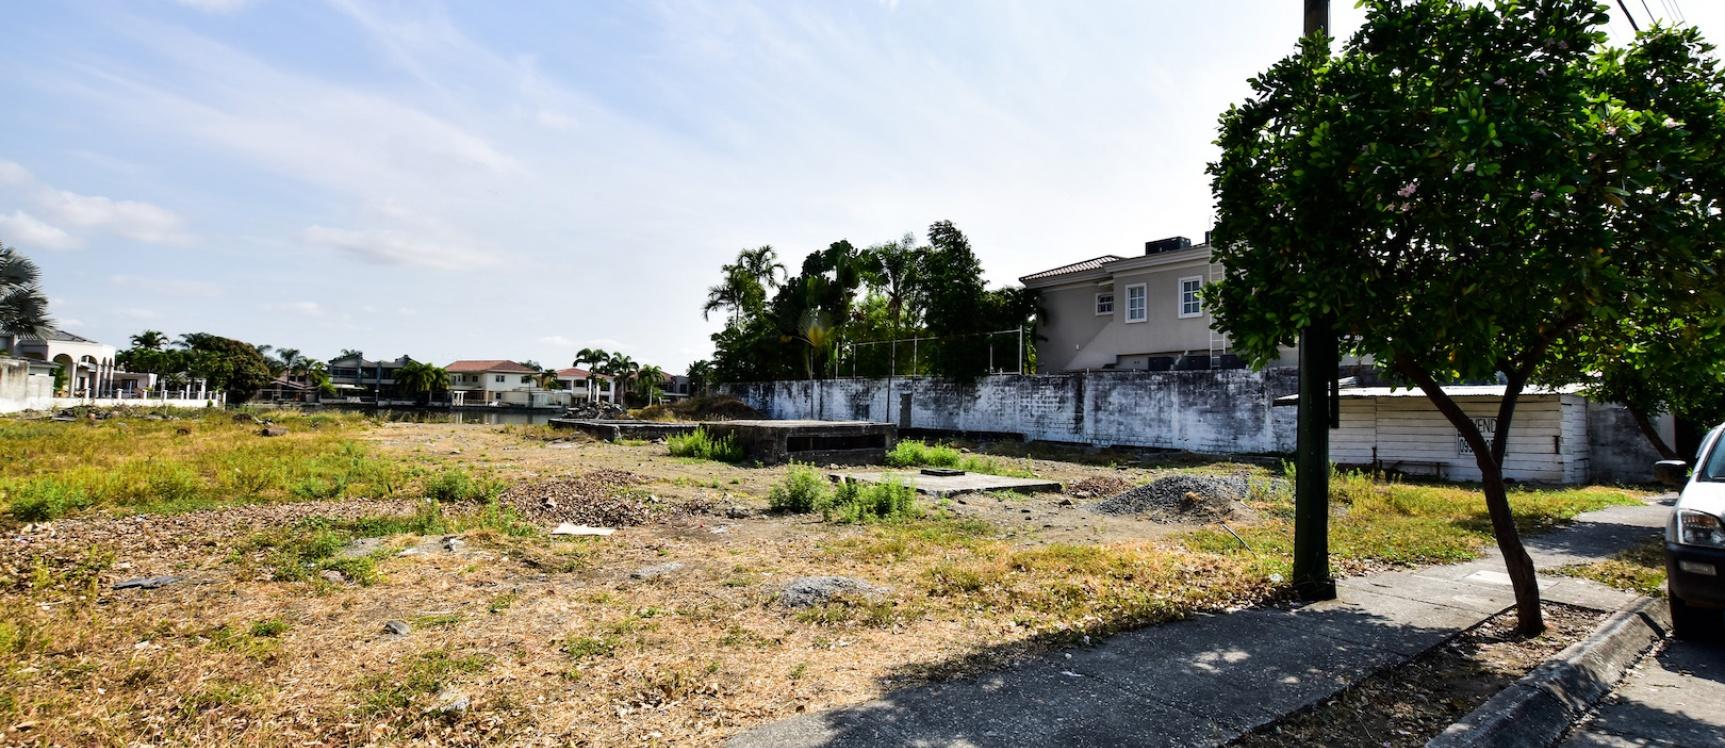 GeoBienes - Terreno en venta en la Urbanización El Rio - Plusvalia Guayaquil Casas de venta y alquiler Inmobiliaria Ecuador